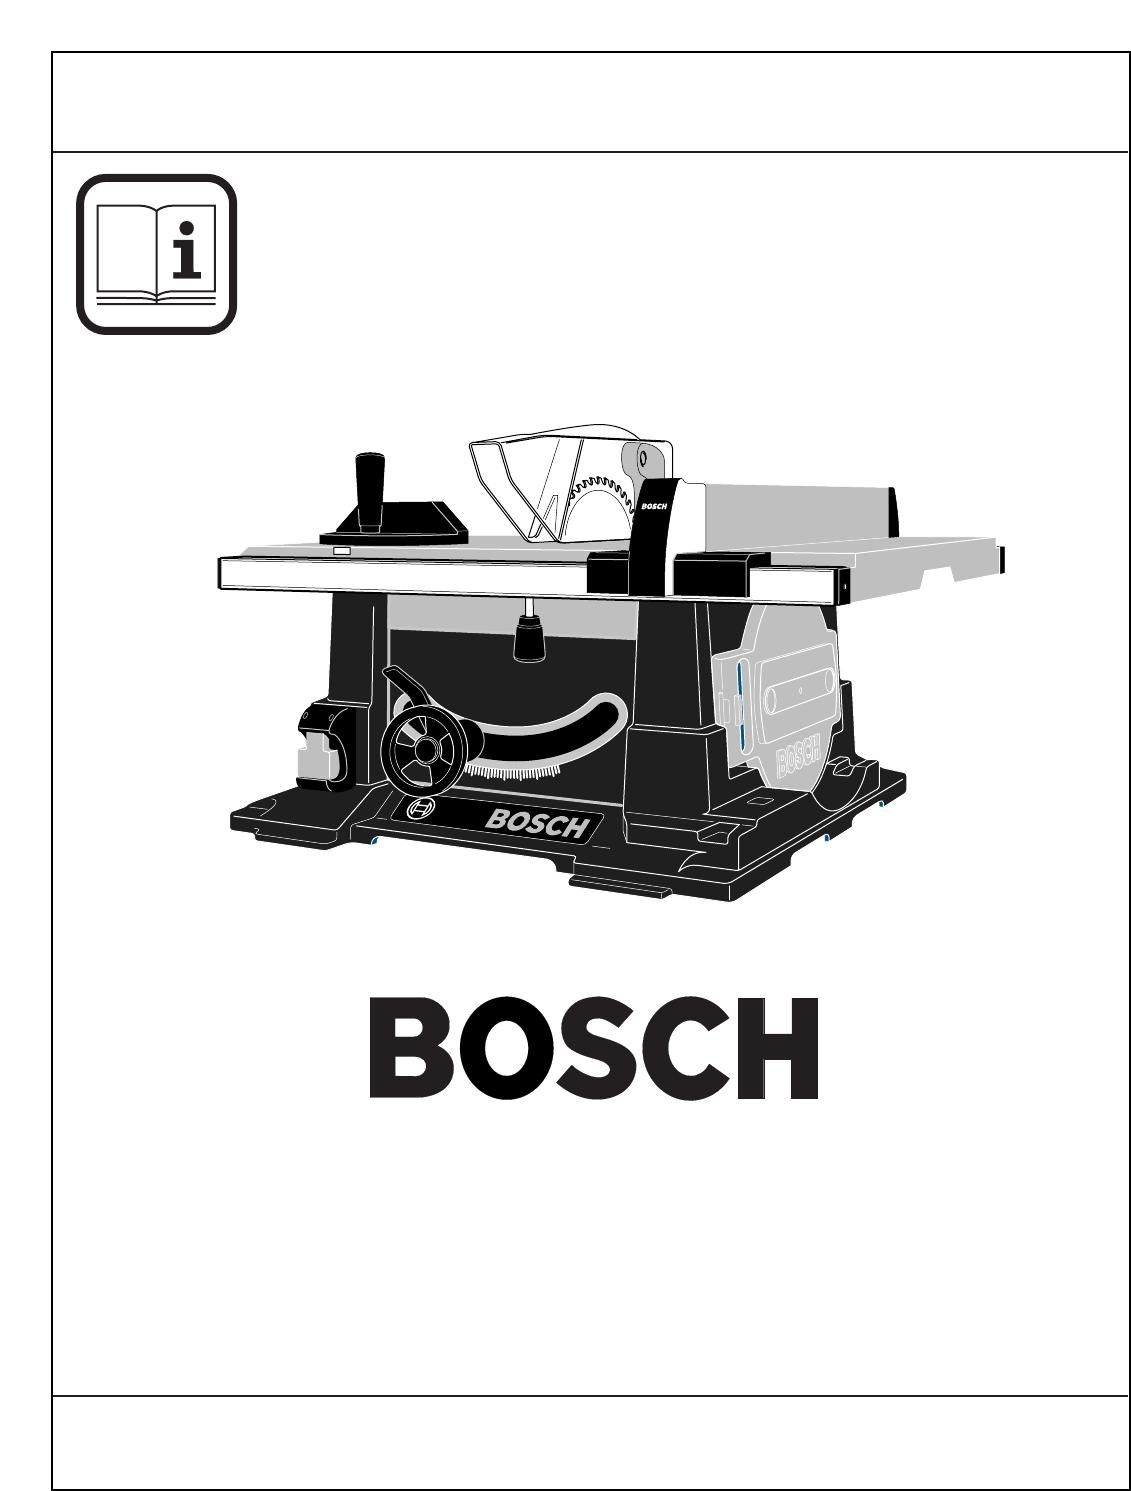 Bosch Power Tools Boschtools